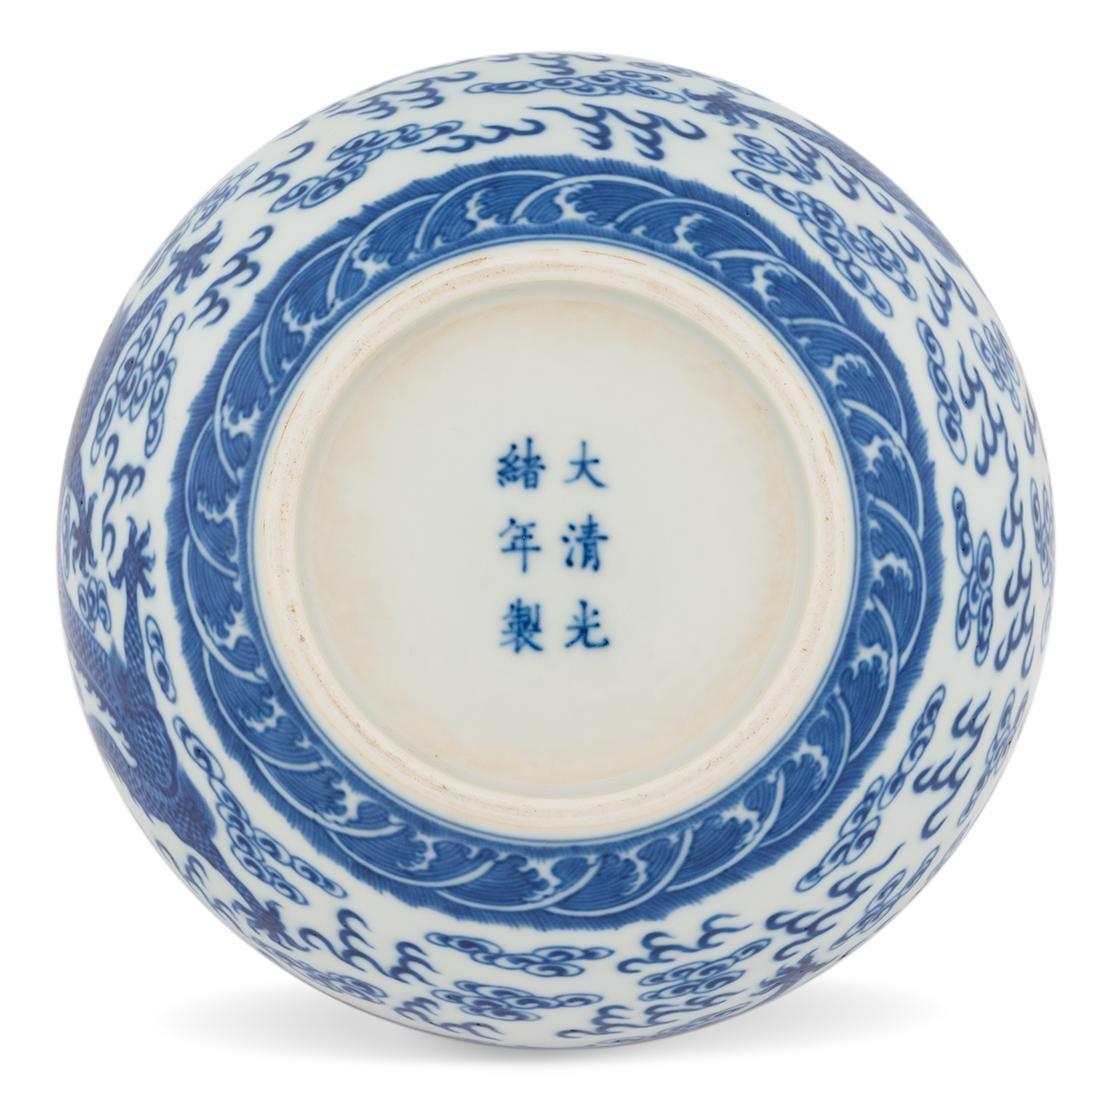 GUANGXU BLUE & WHITE DRAGON REWARD VASE - 3